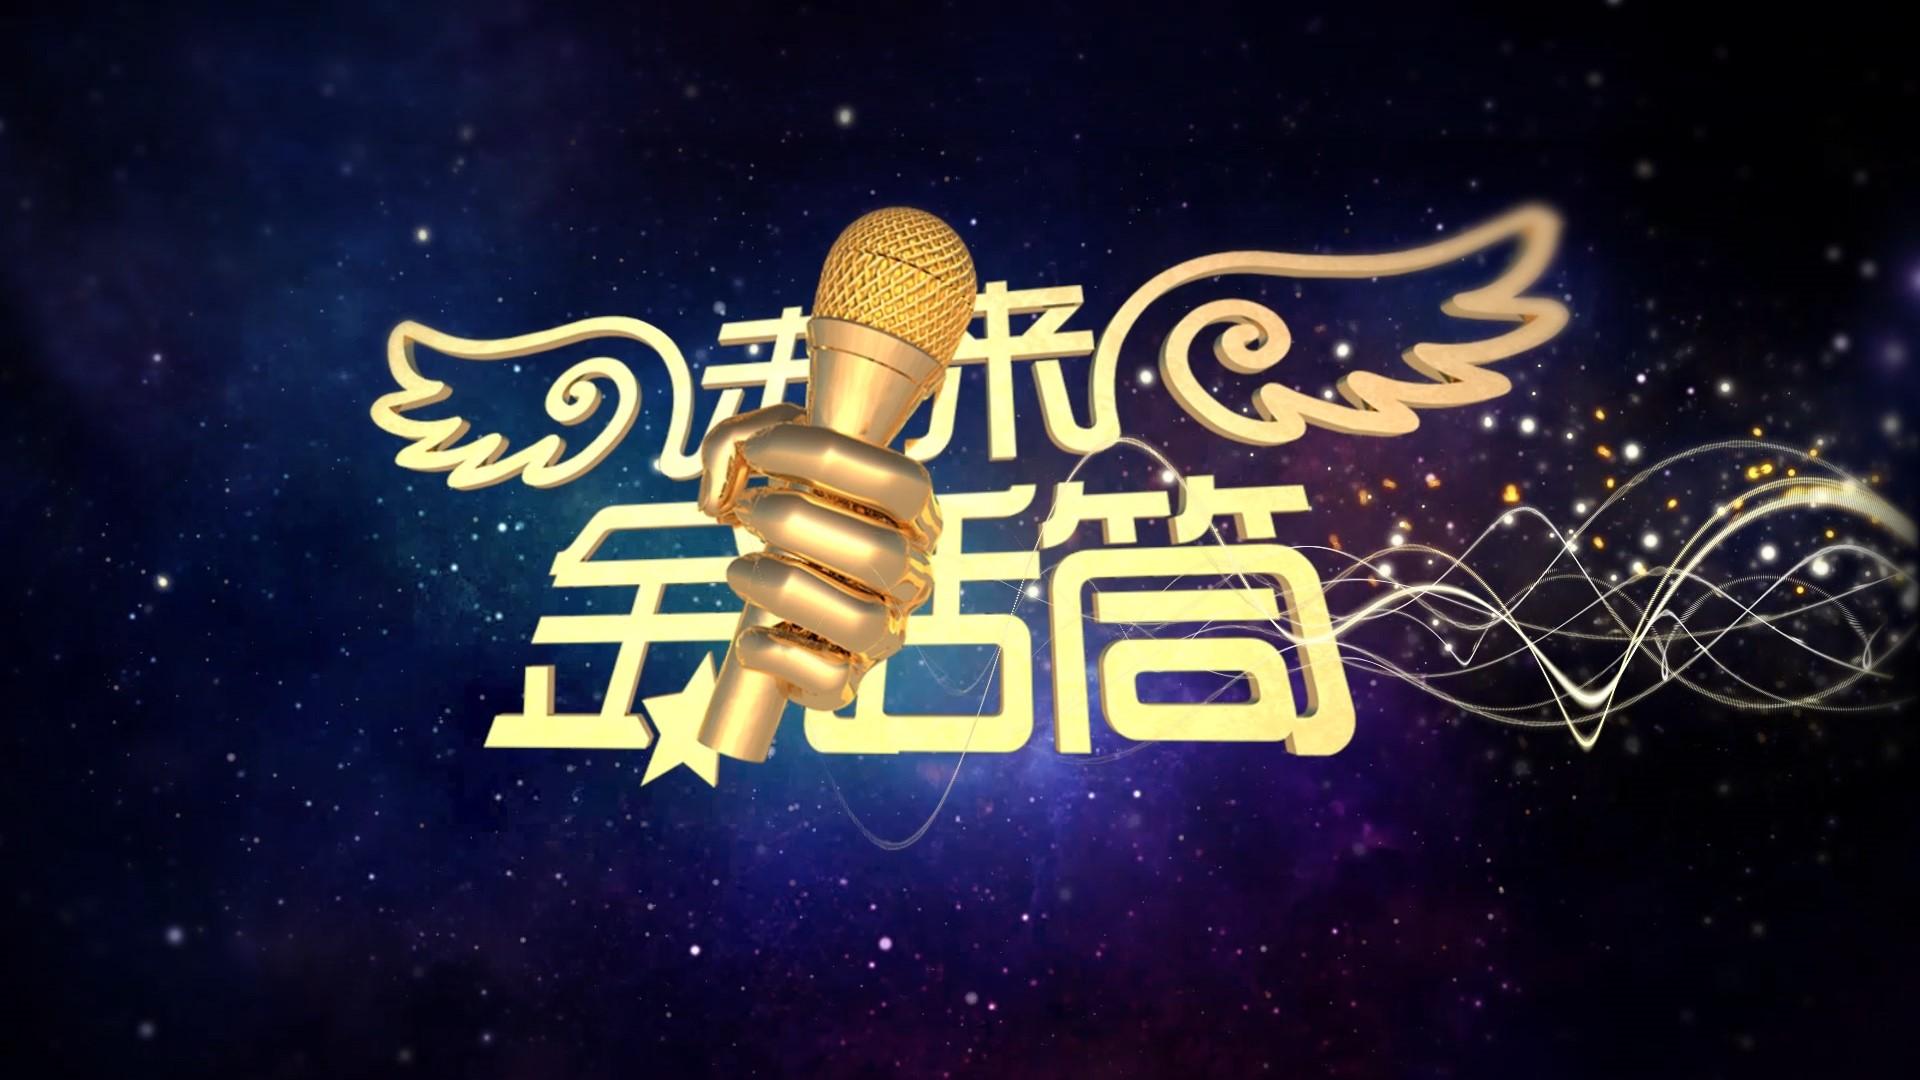 江苏广电2018《未来金话筒》主题海报及宣传片征集